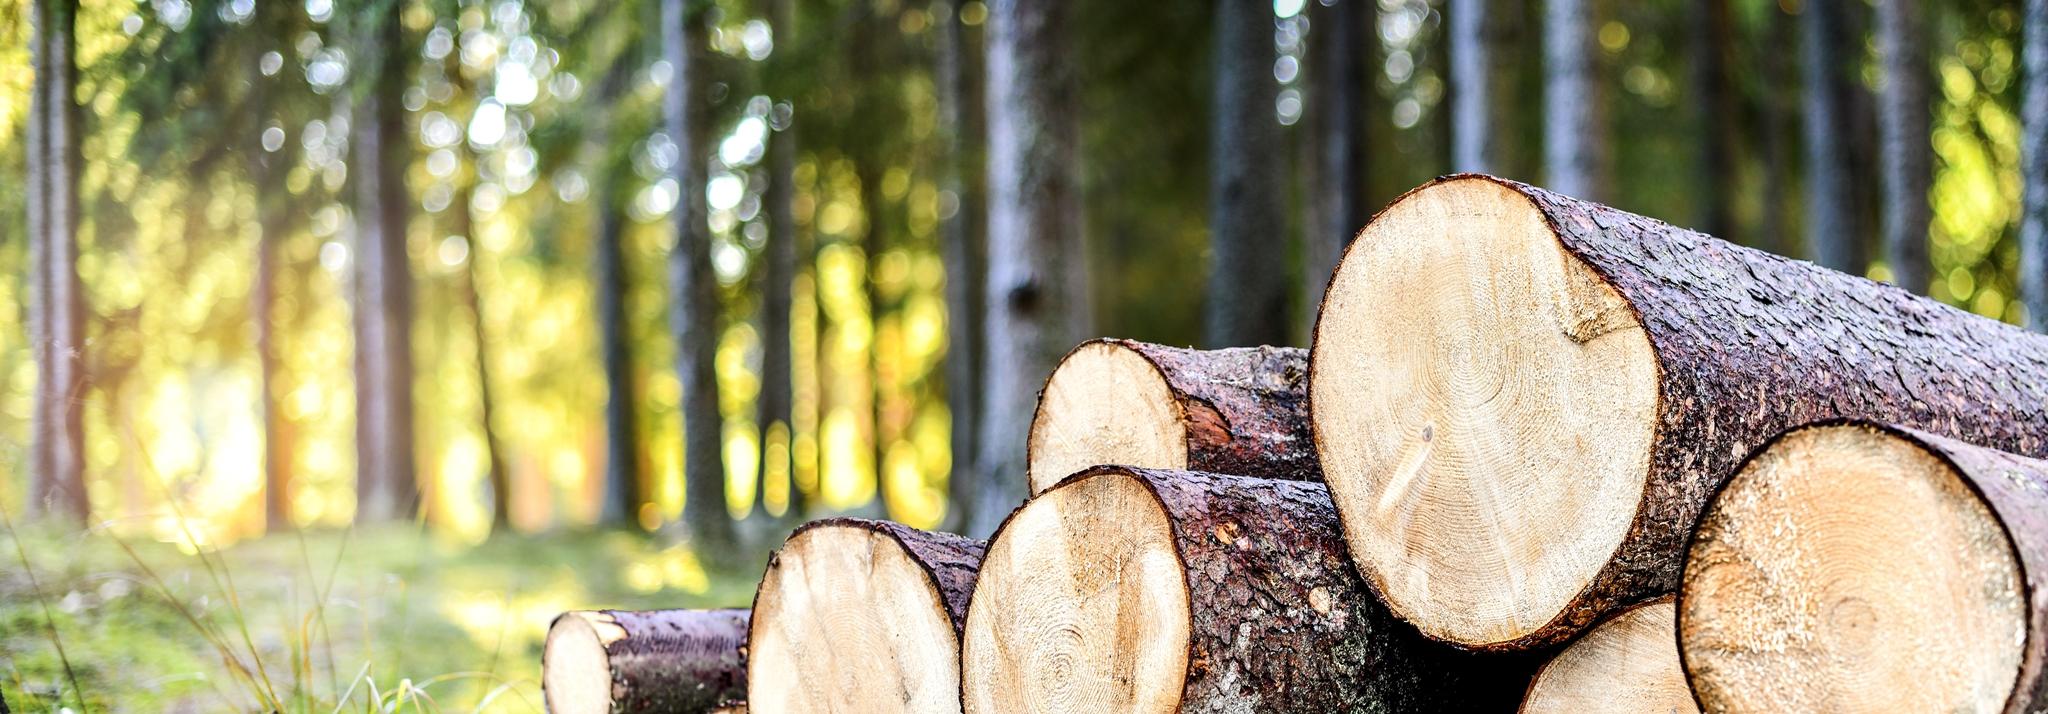 Scheitholz, Holzschnitzel, Holzpellet, Heizung